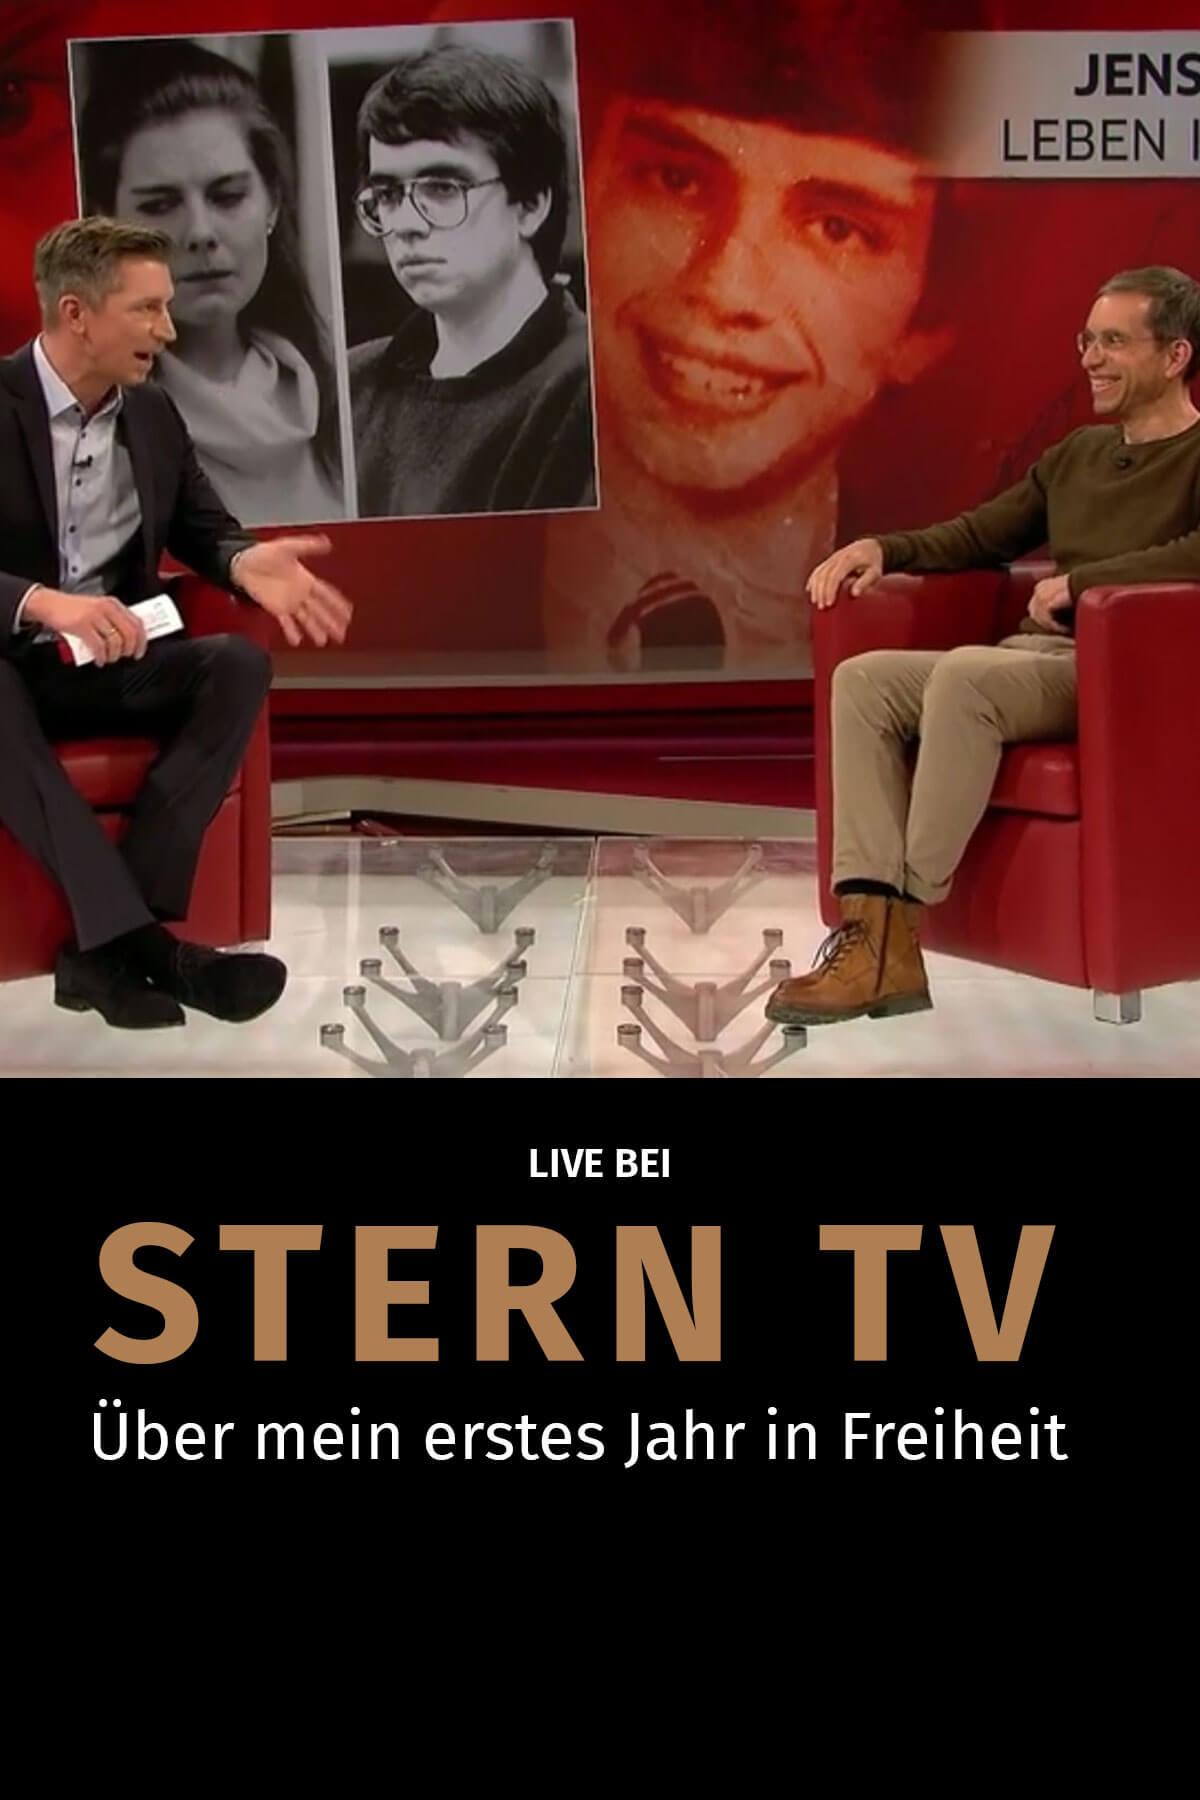 Jens-Söring_mobile_sterntv2